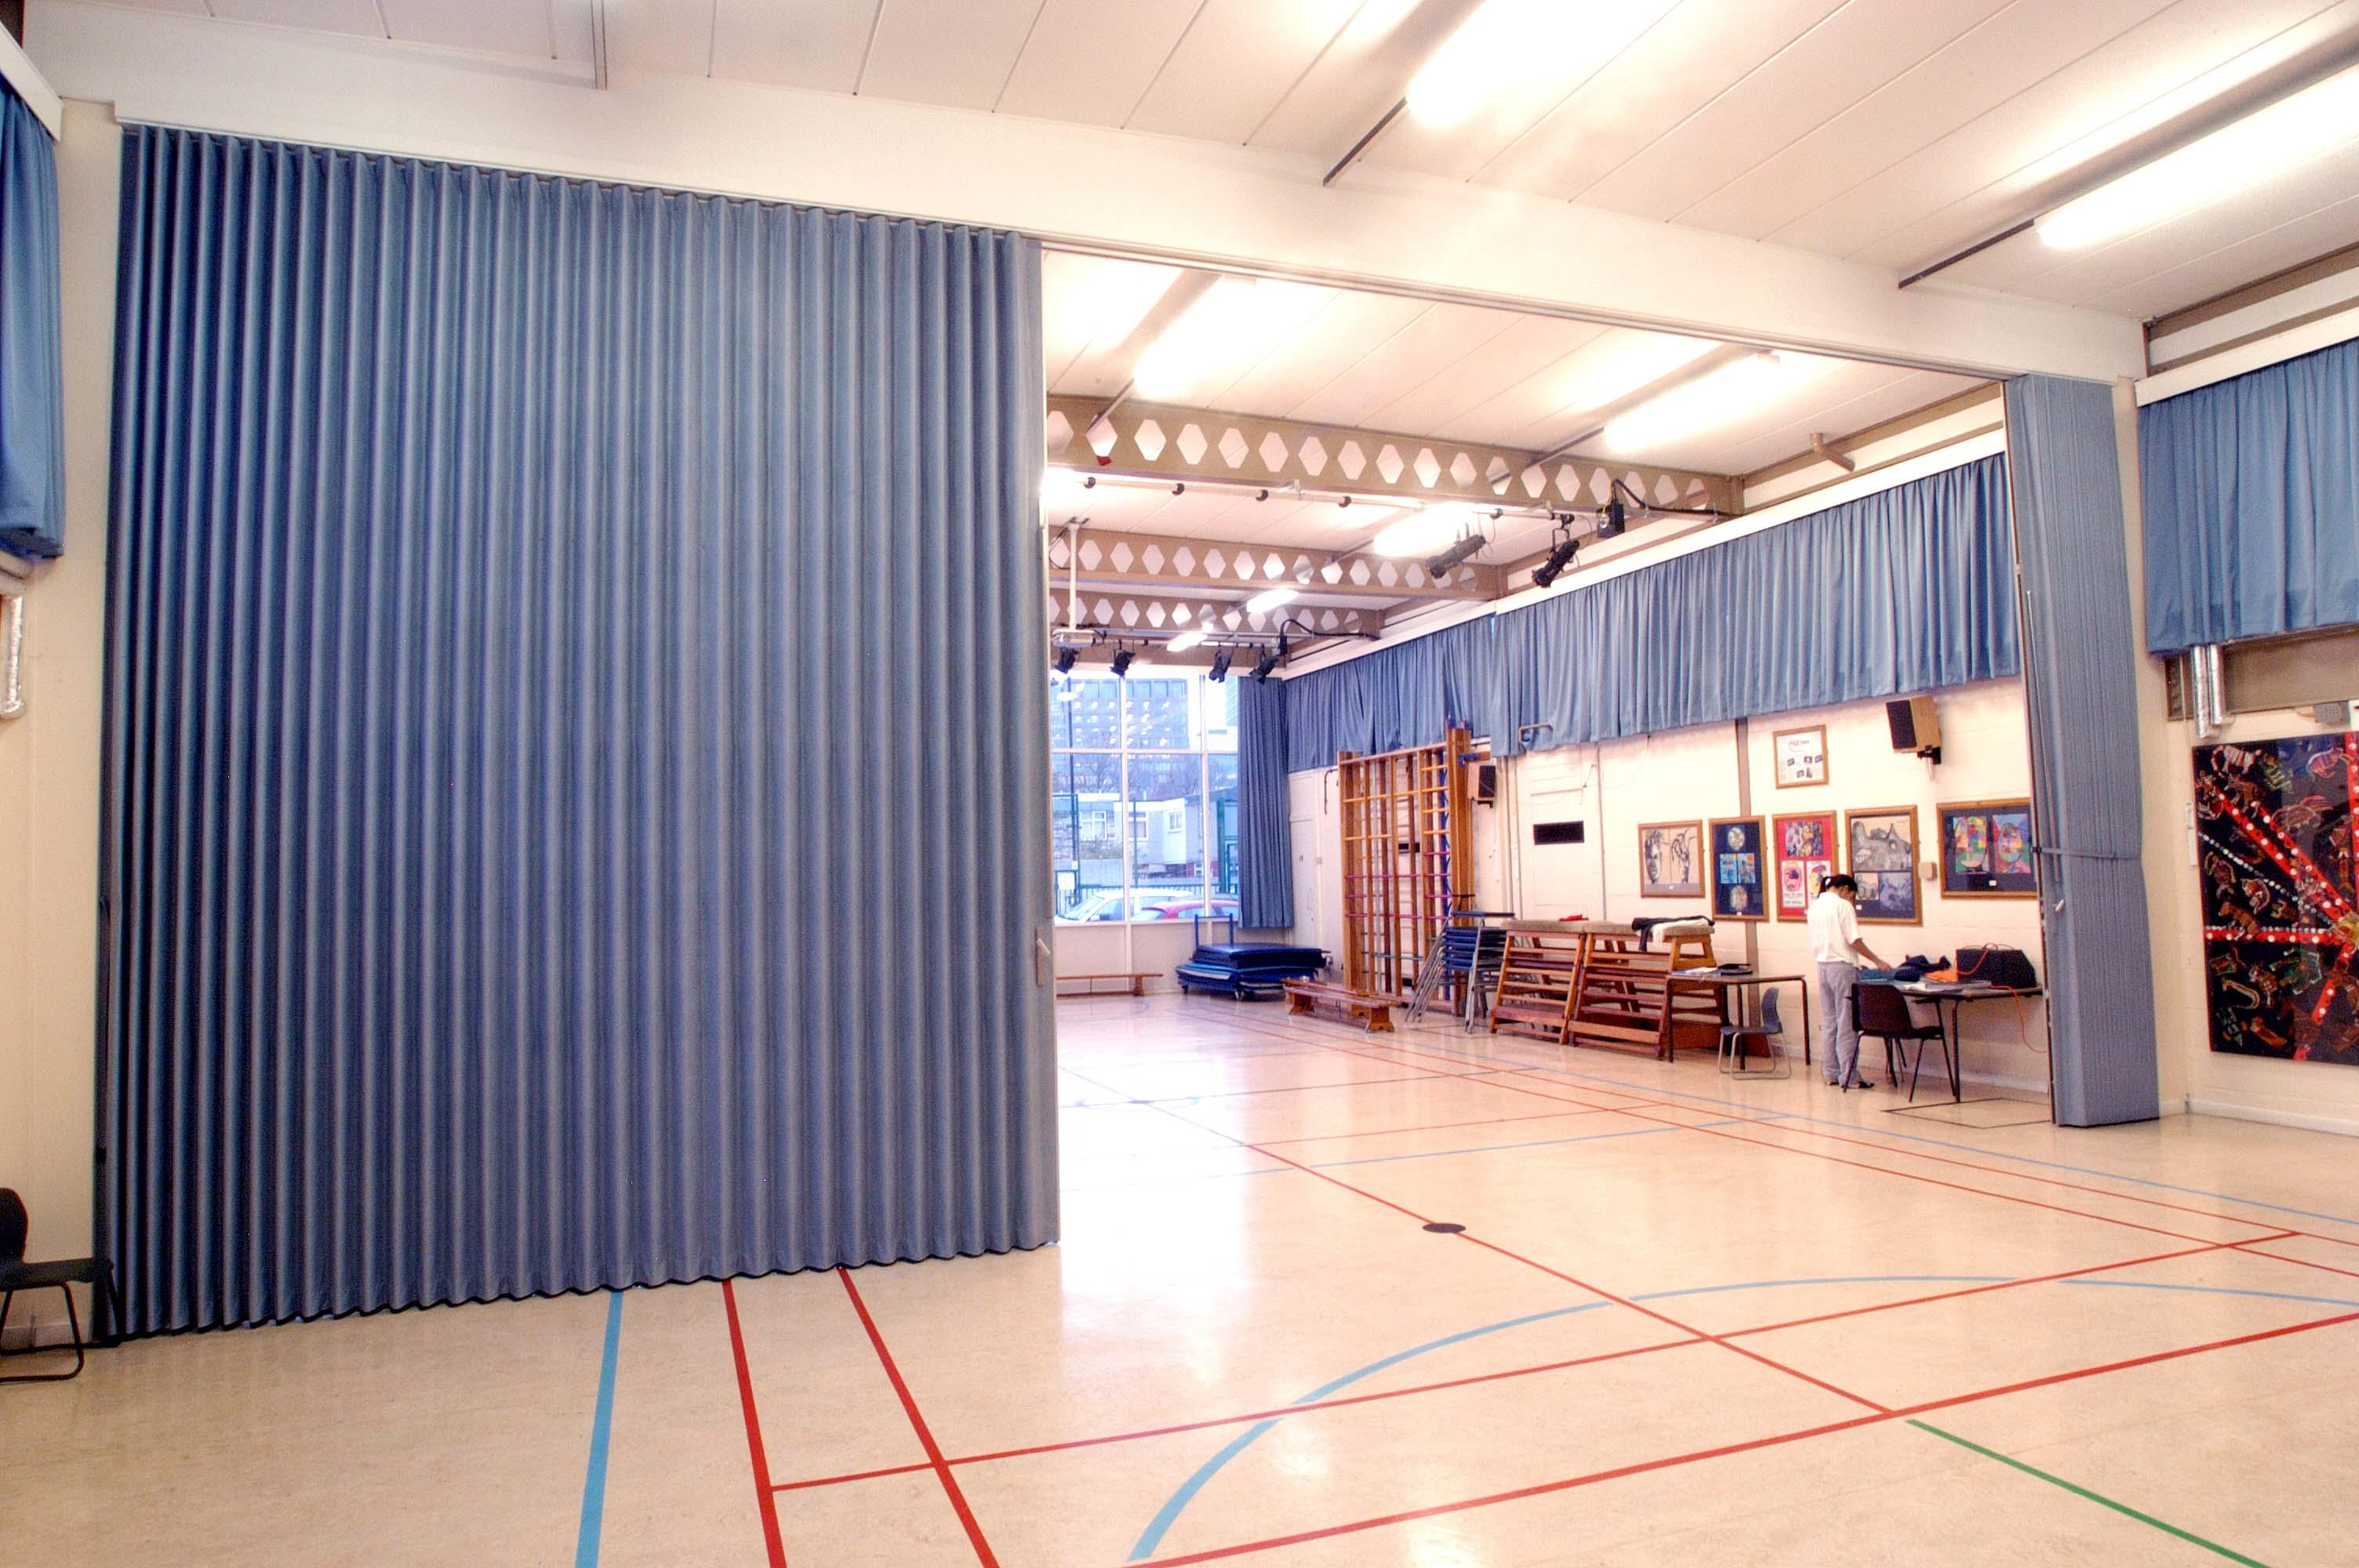 1seven-mills-school